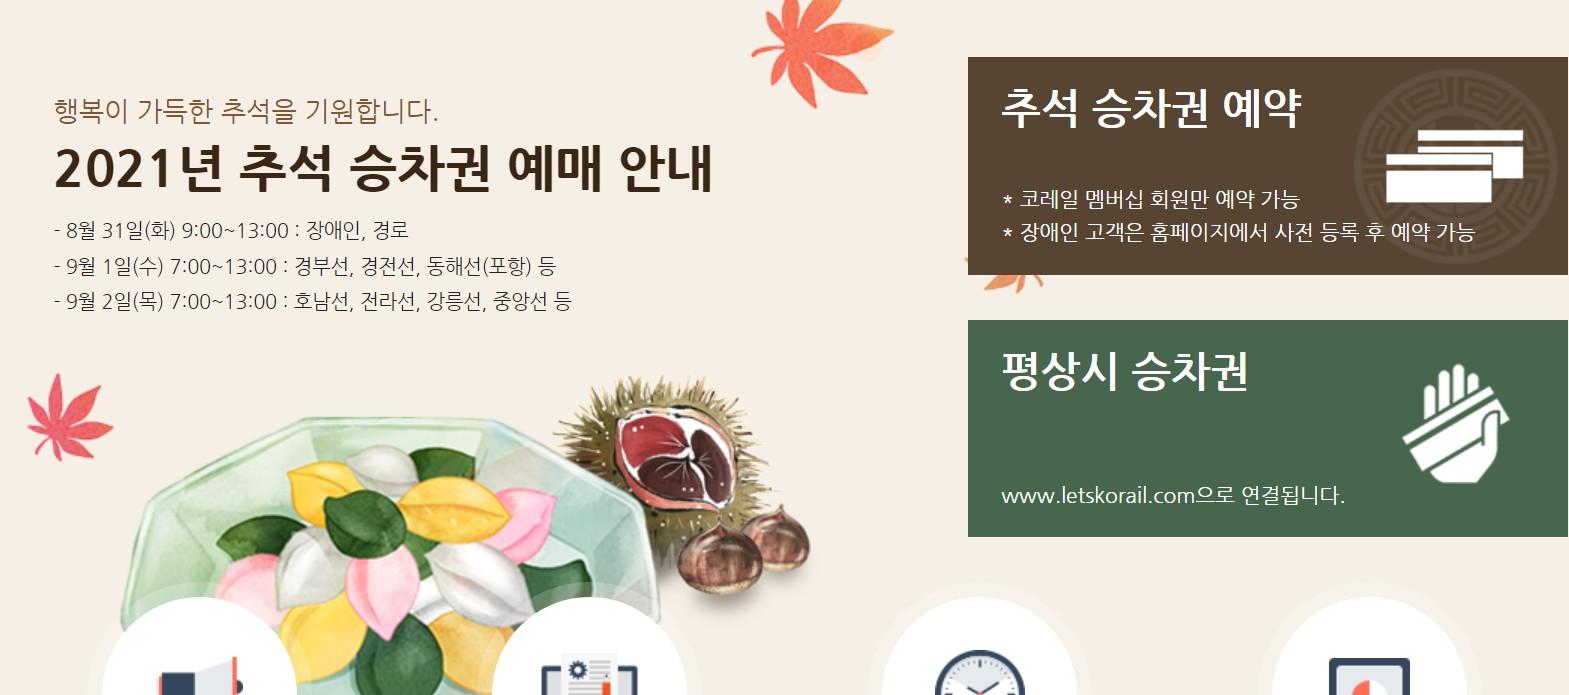 코레일 추석 승차권 예매